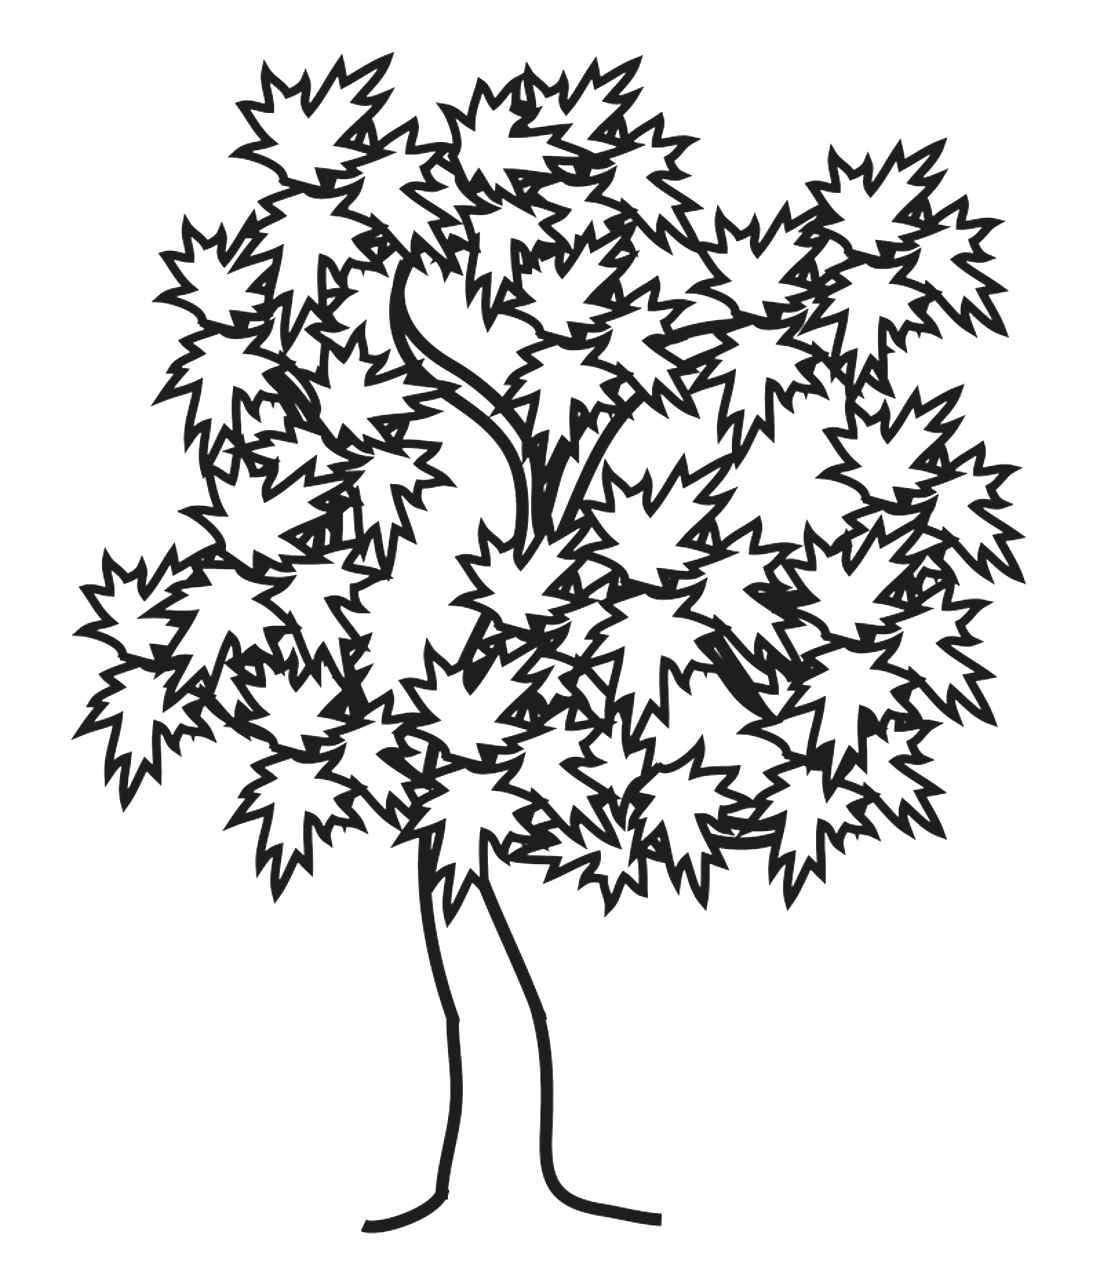 Кленовое дерево - раскраска №14084 | Printonic.ru